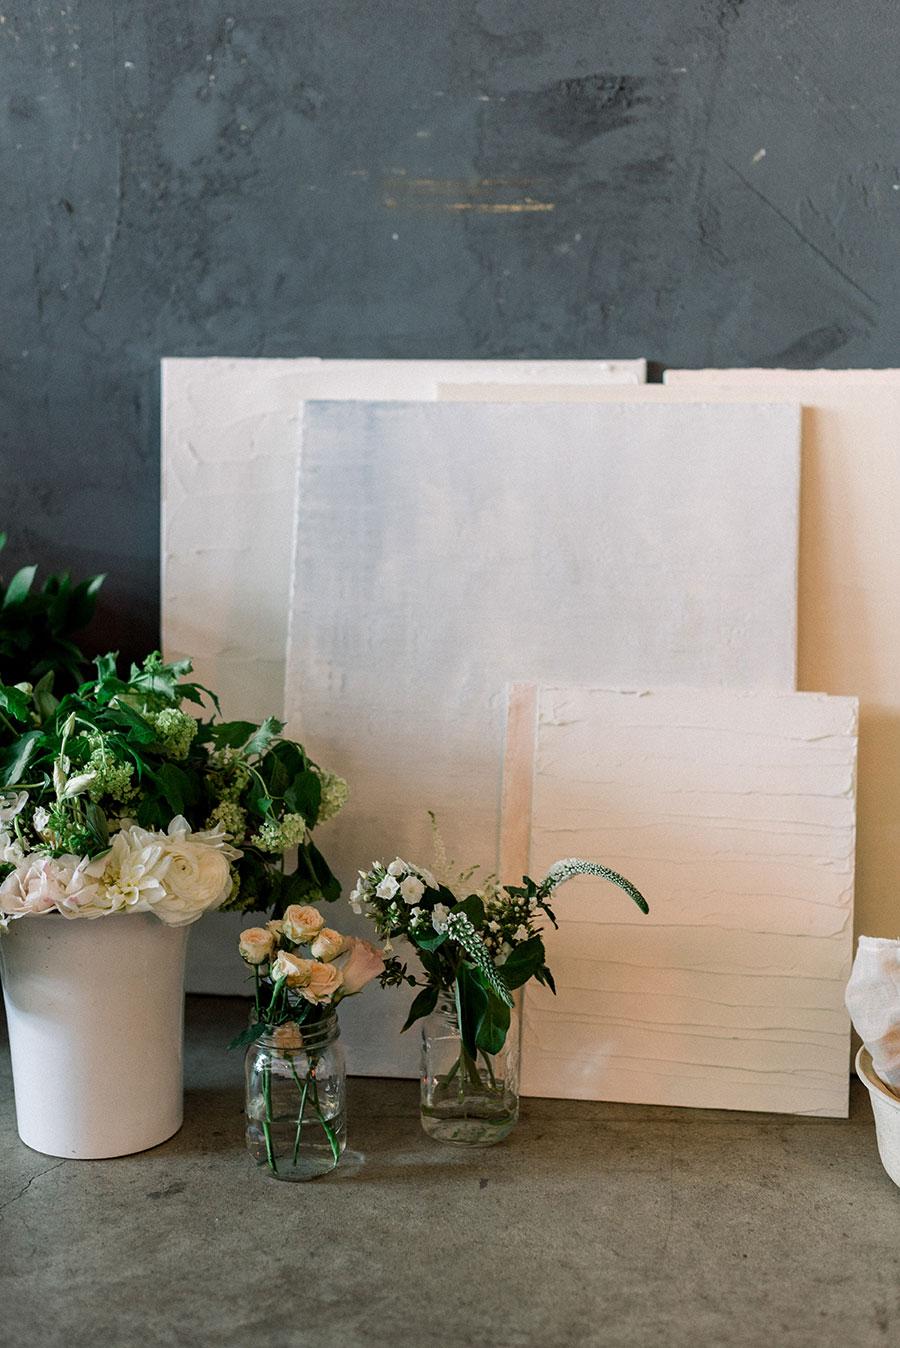 sourced-co-styling-board-workshop-4.jpg